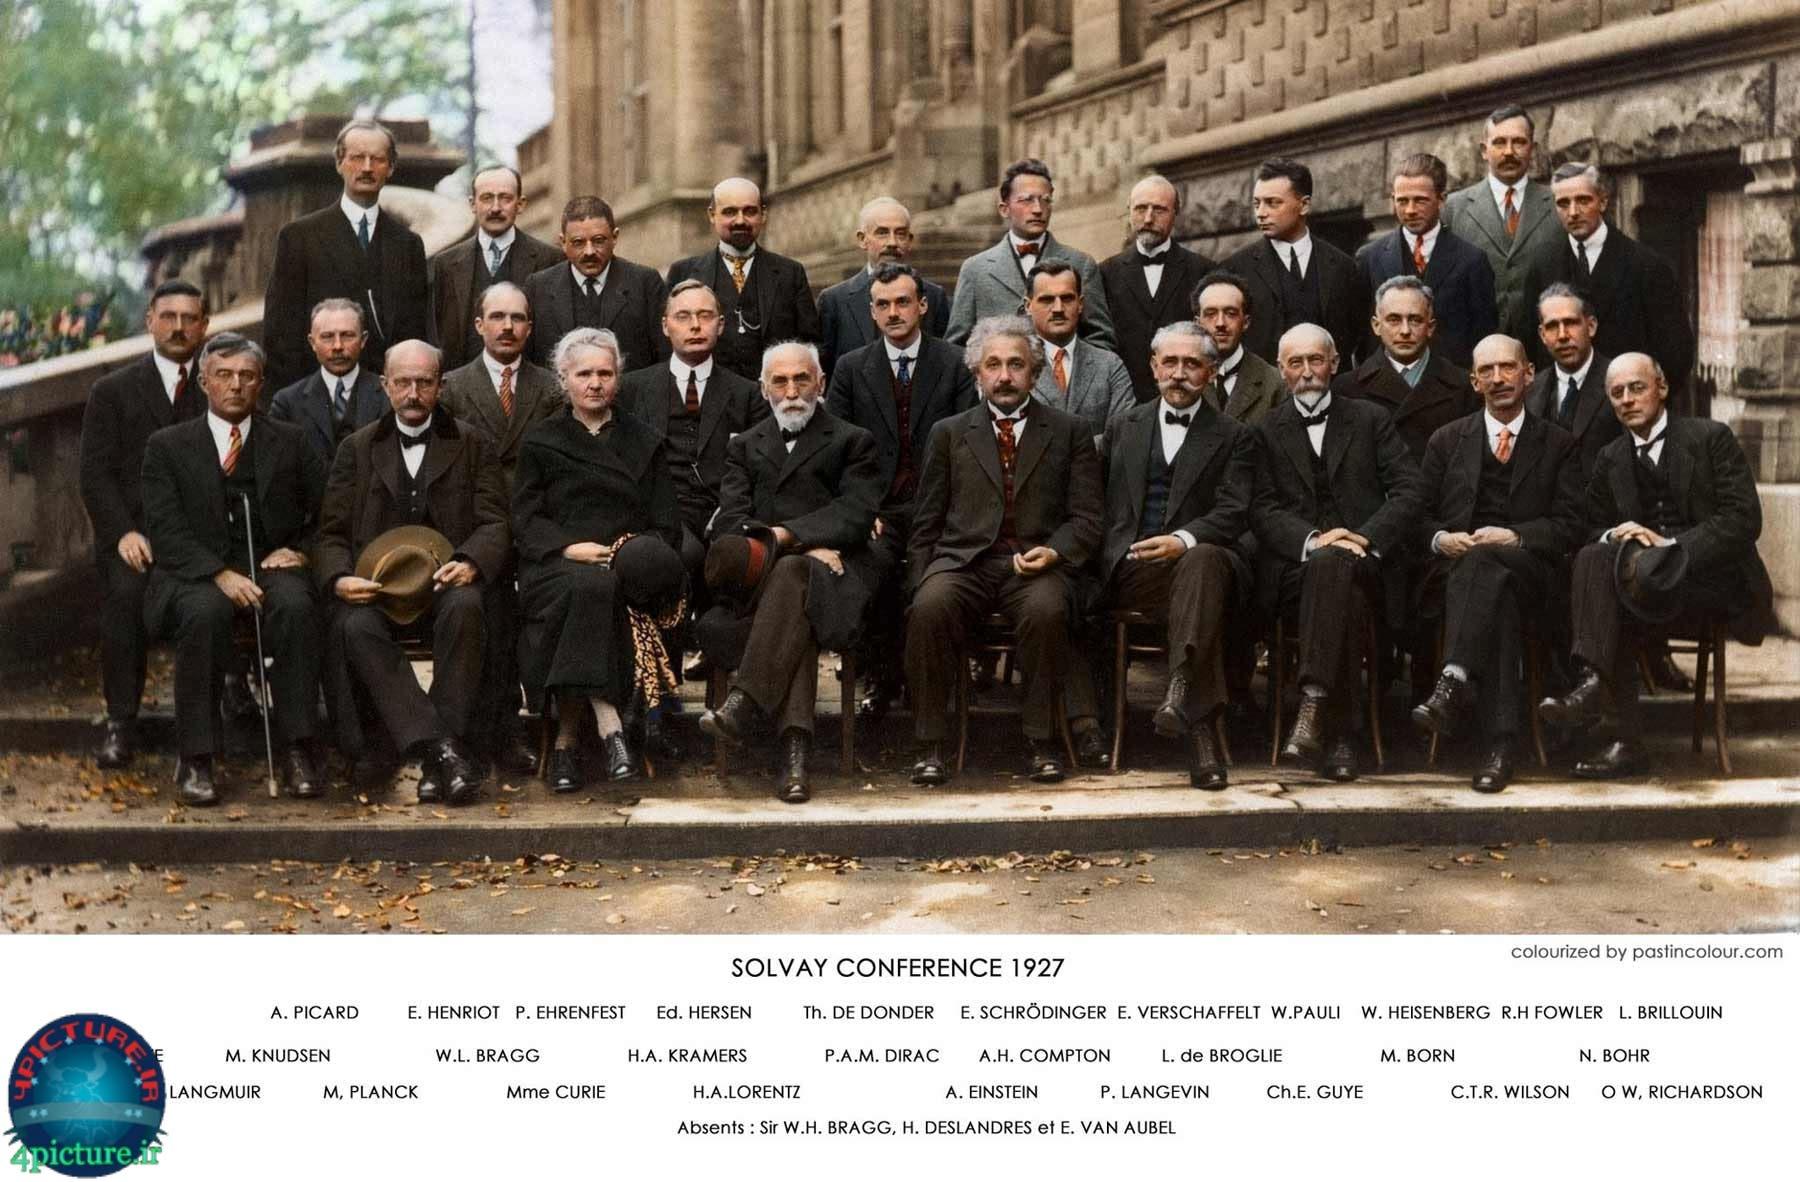 عکس فیزیک دانان,عکس دسته جمعی فیزیکدانان